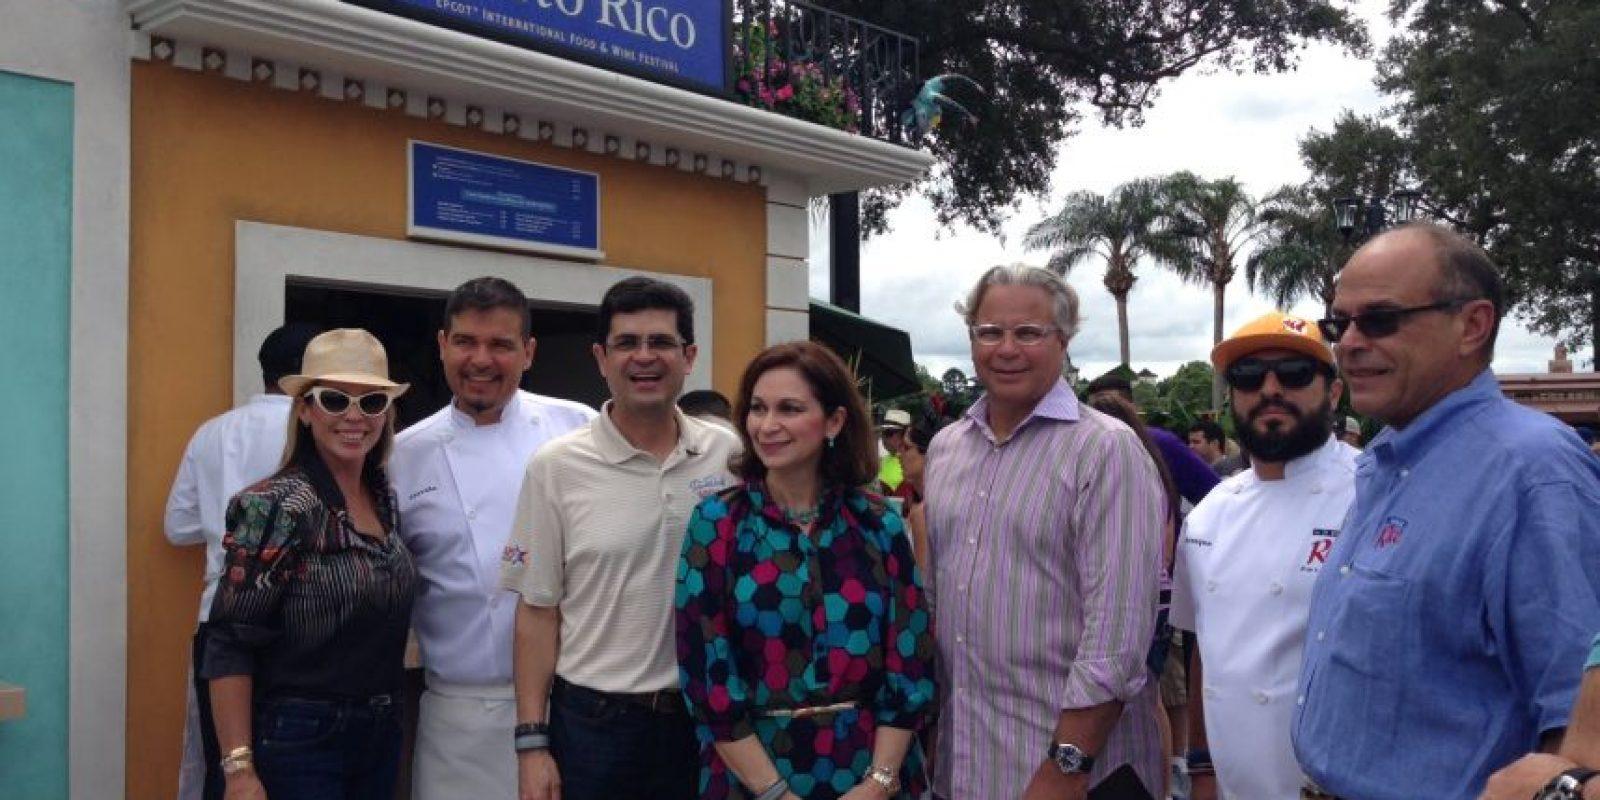 Delegación de funcionarios de Puerto Rico de visita en el pabellón Foto:Cindy Burgos/ Metro Puerto Rico. Imagen Por: